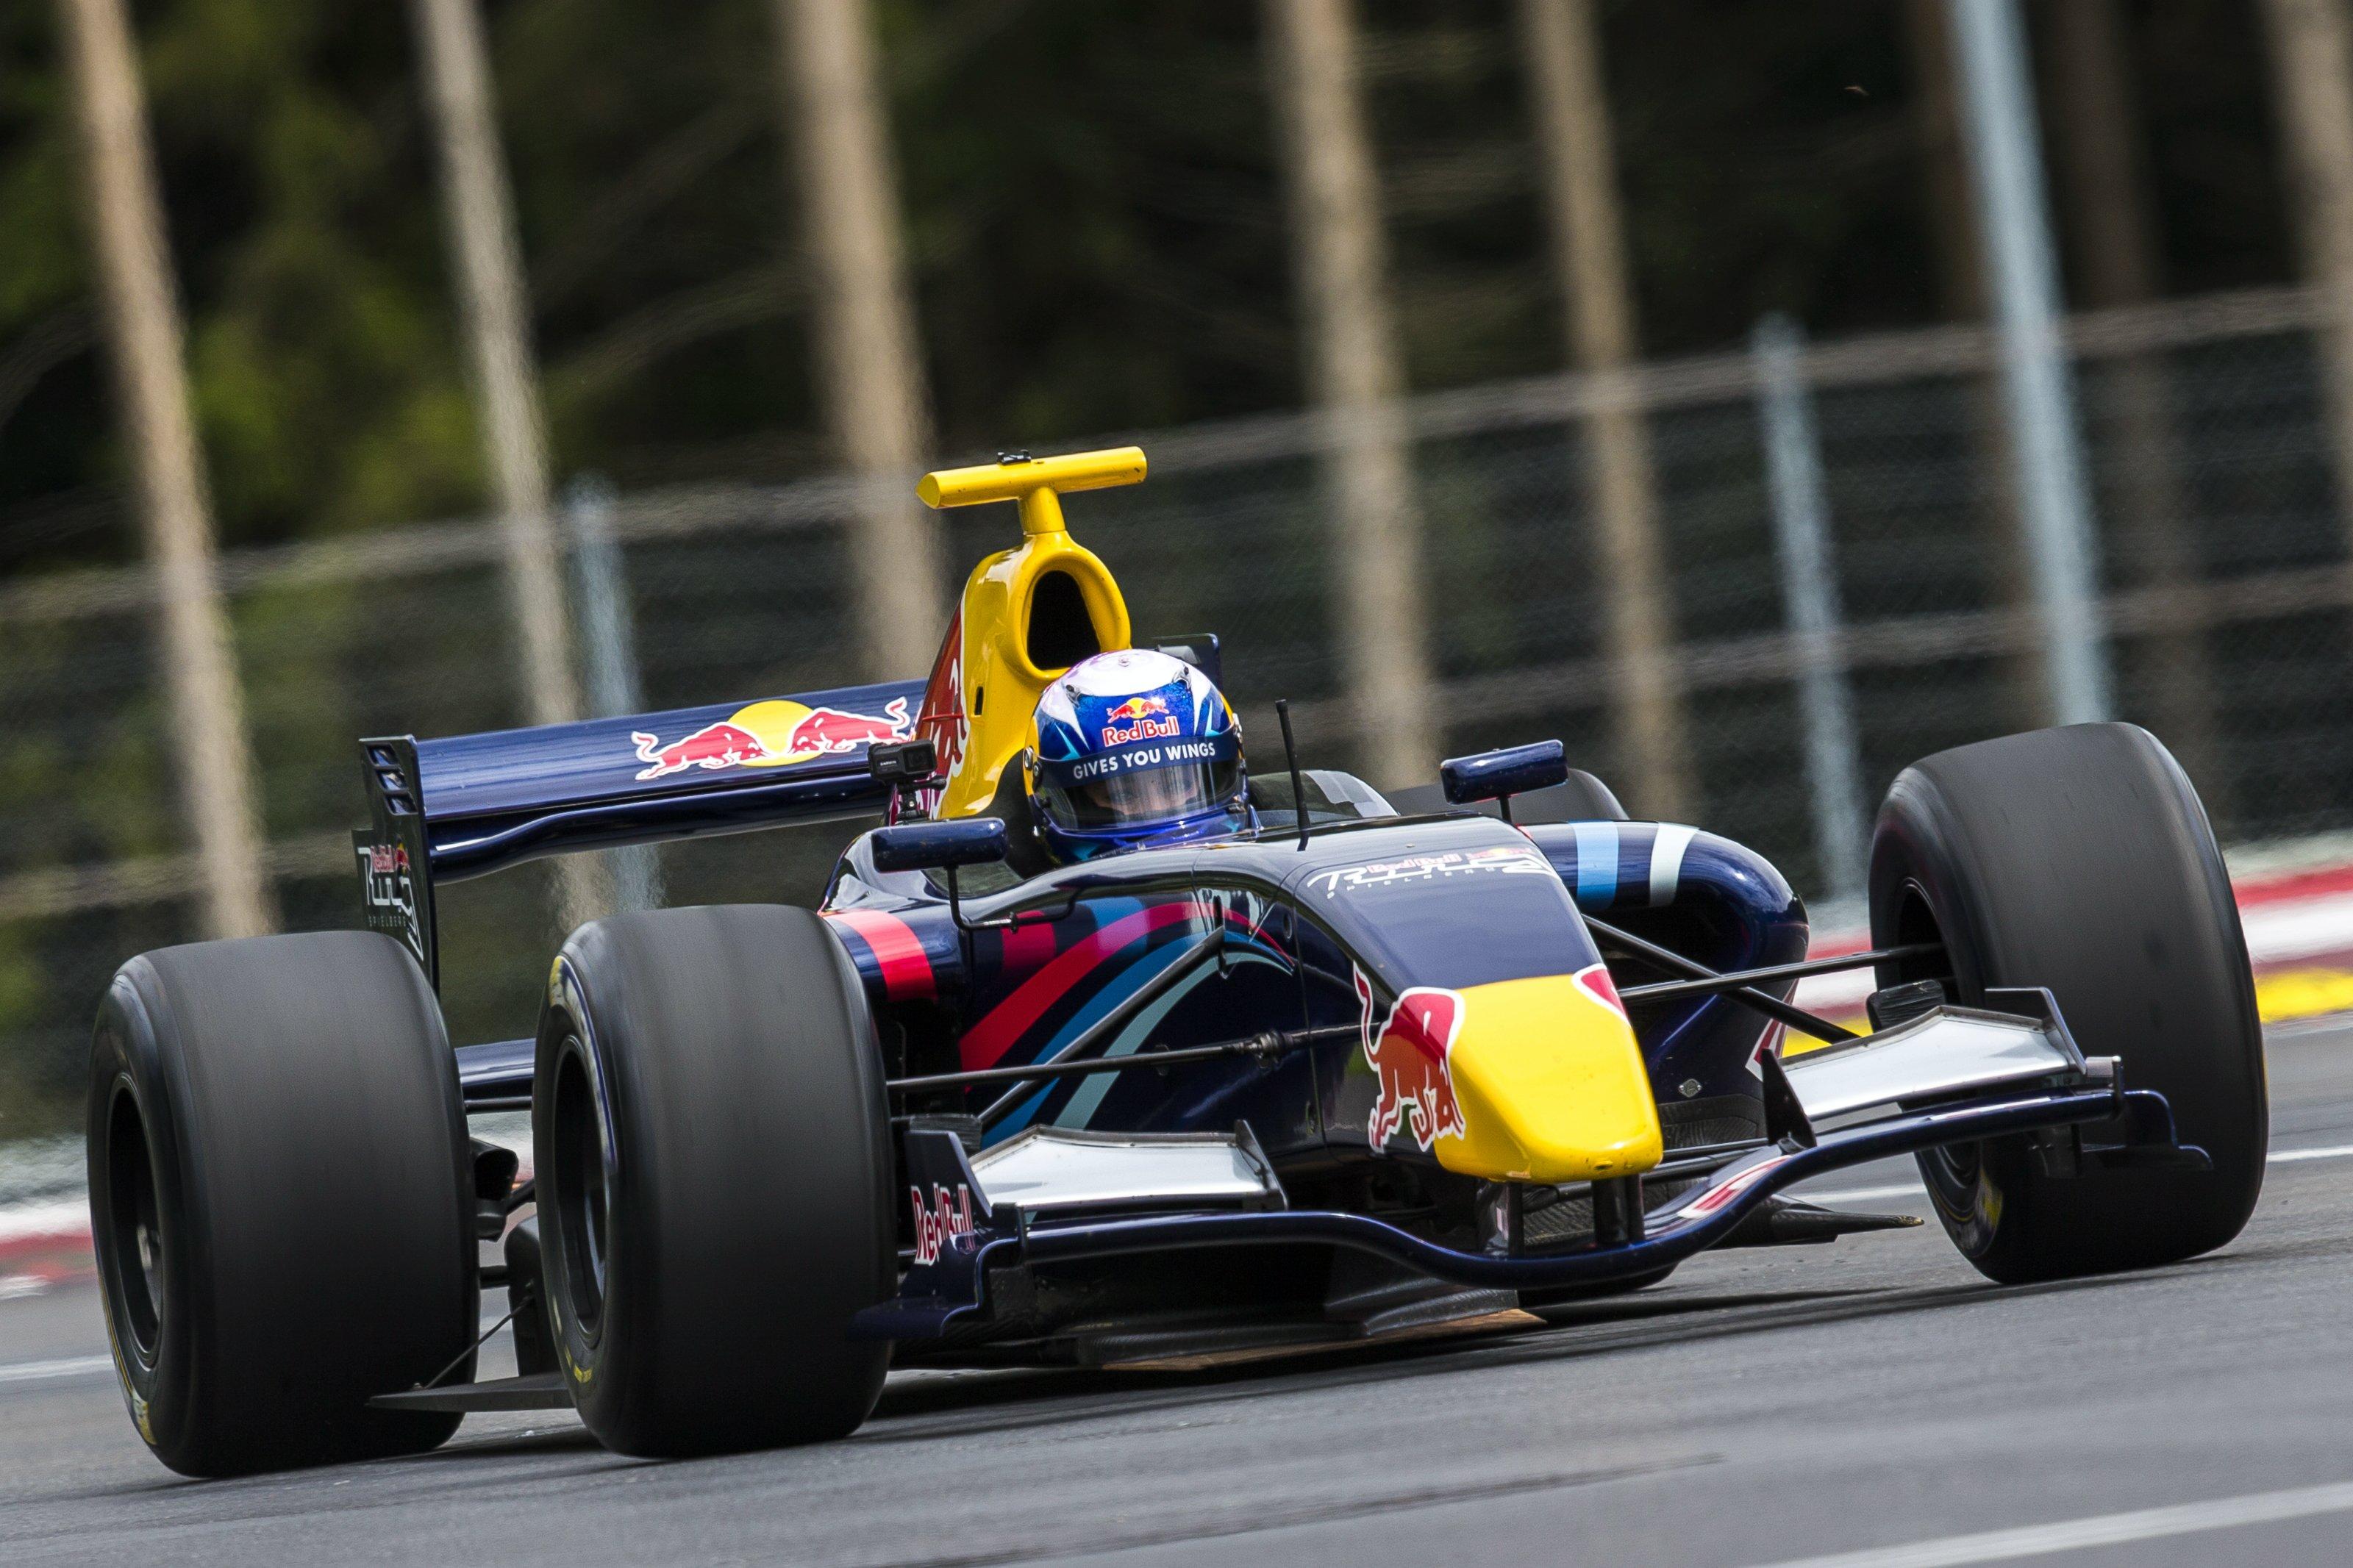 Gaat Lindsey Vonn Een F1 Circuit Onveilig Maken Met Max